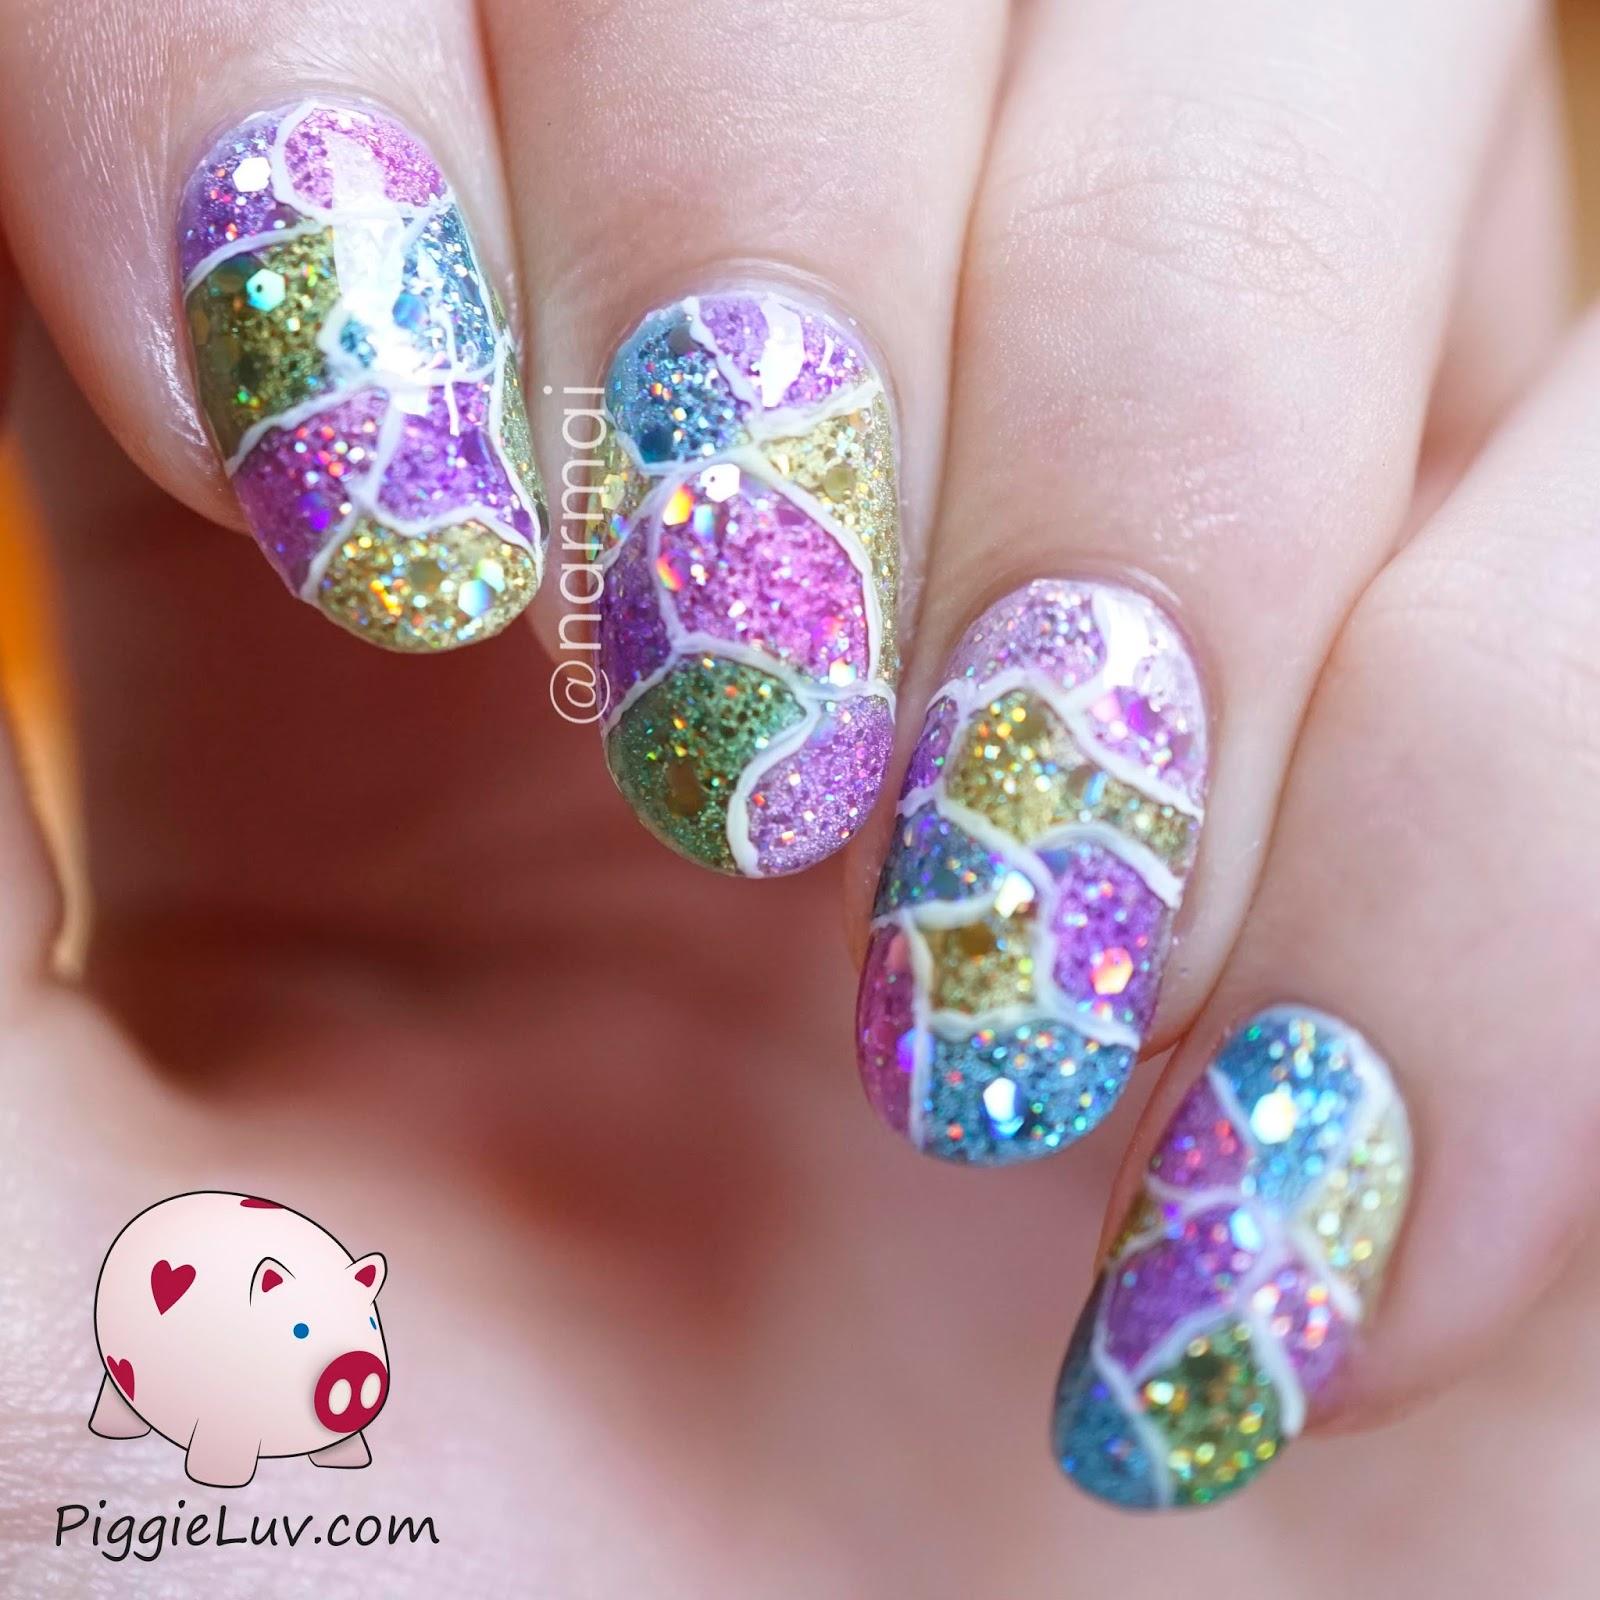 Glitter Nail Art Designs: PiggieLuv: Cracked Glitter Nail Art